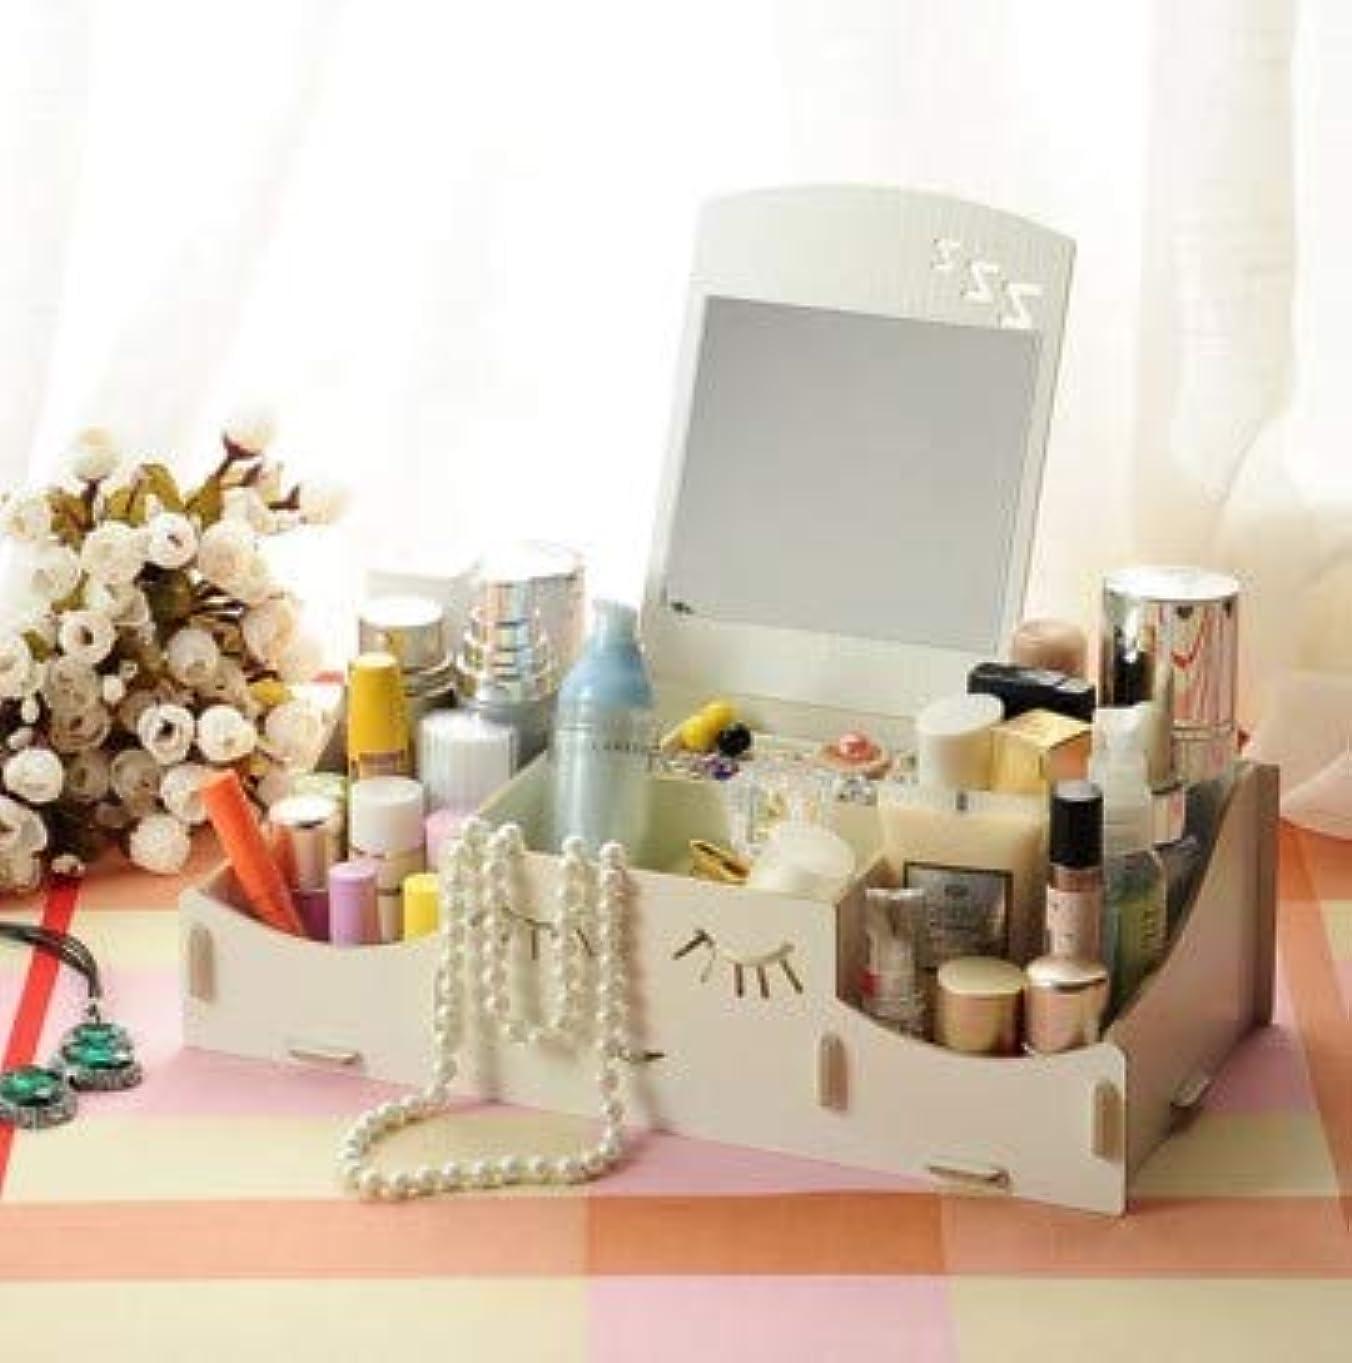 のために細い民族主義スマイリー木製クリエイティブ収納ボックス手作りデスクトップミラー化粧品収納ボックス化粧品収納ボックス (Color : ホワイト)